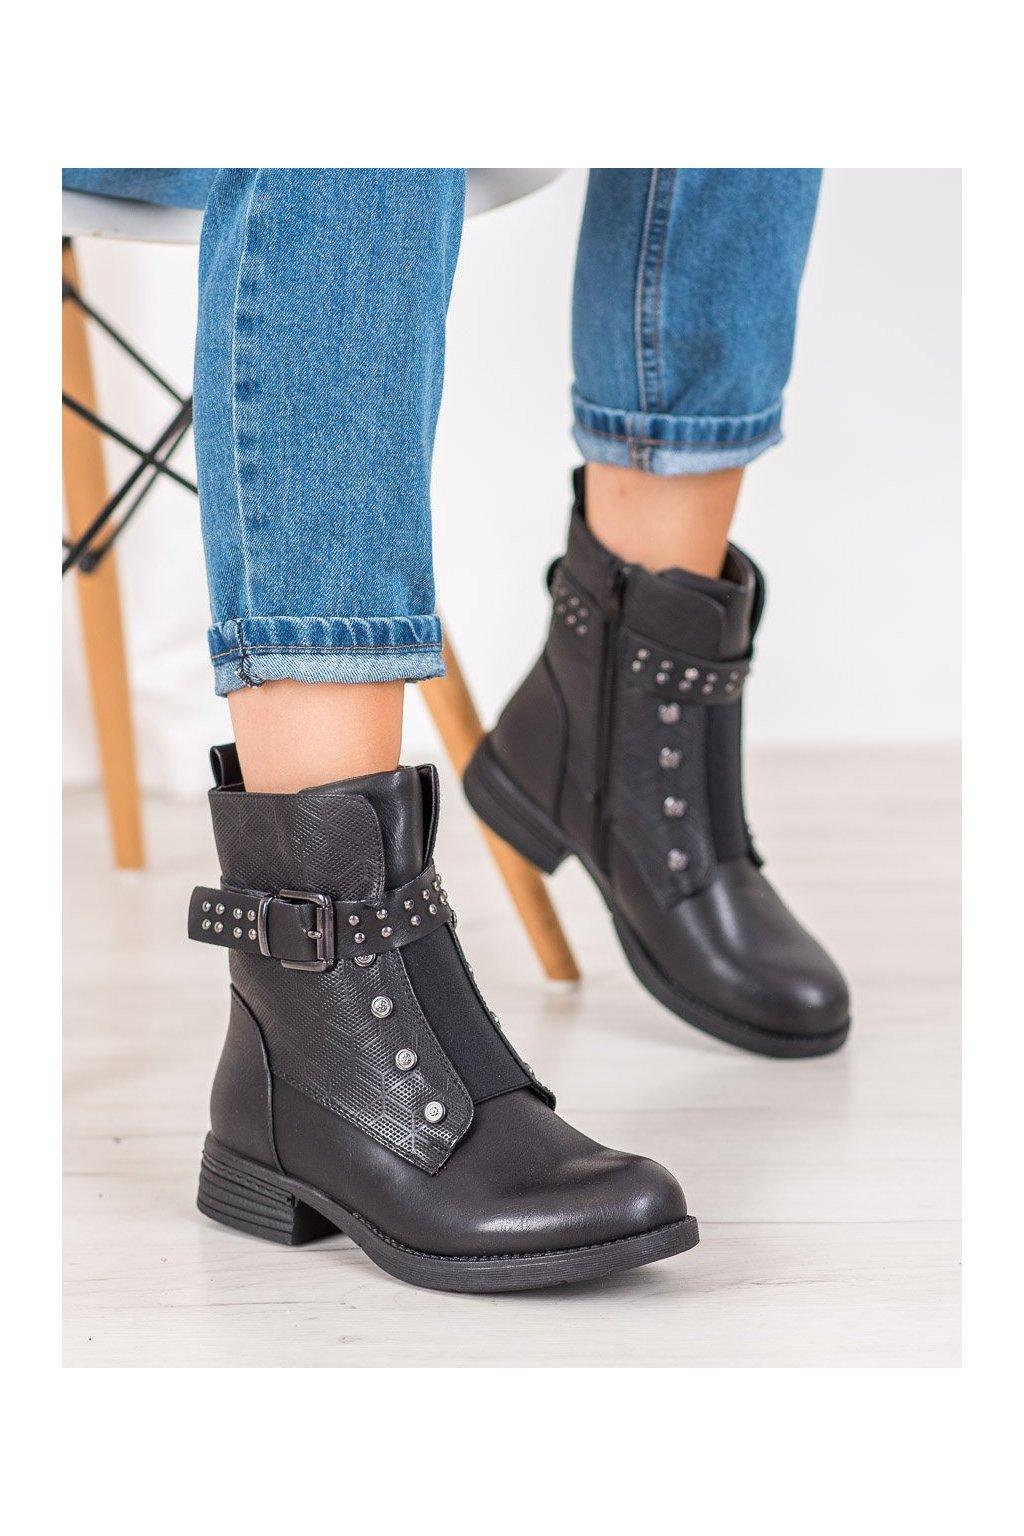 Čierne dámske topánky J. star kod V19014B